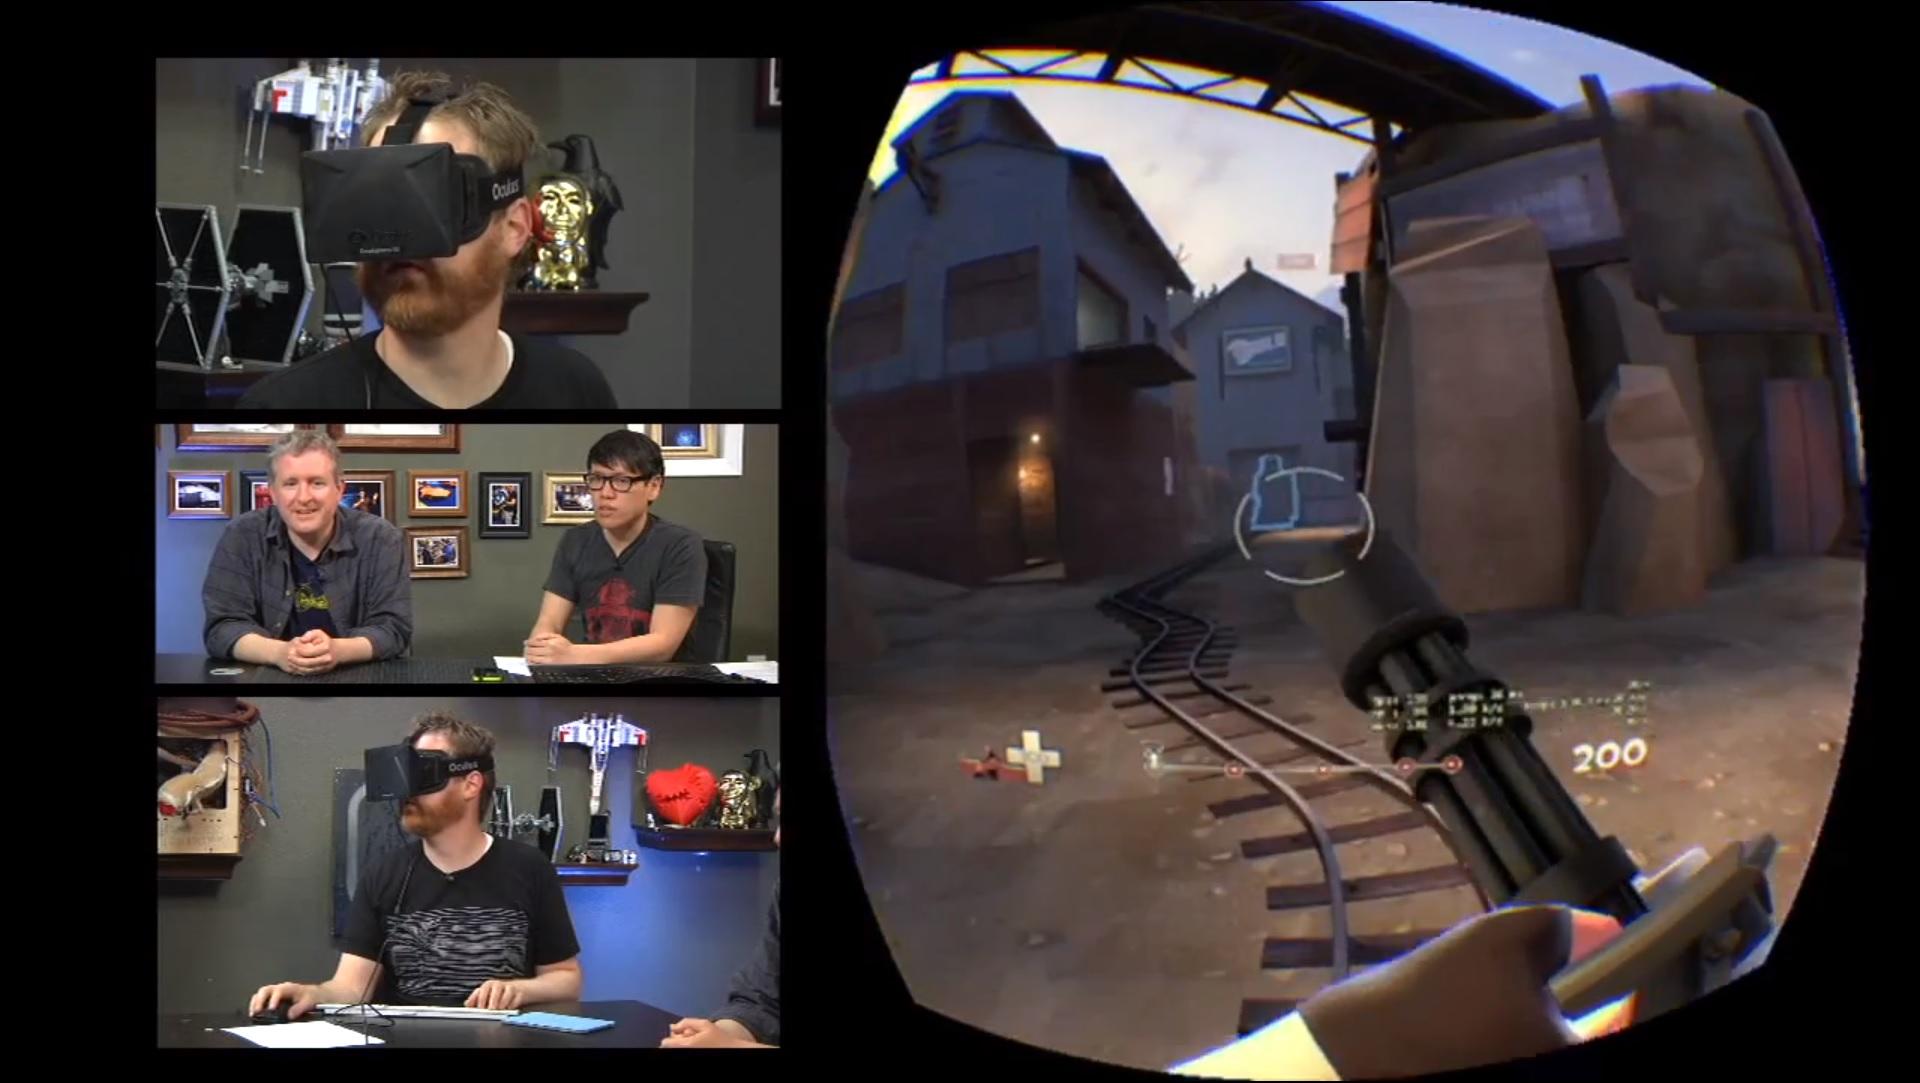 Team-Fortress-2-Oculus-Rift